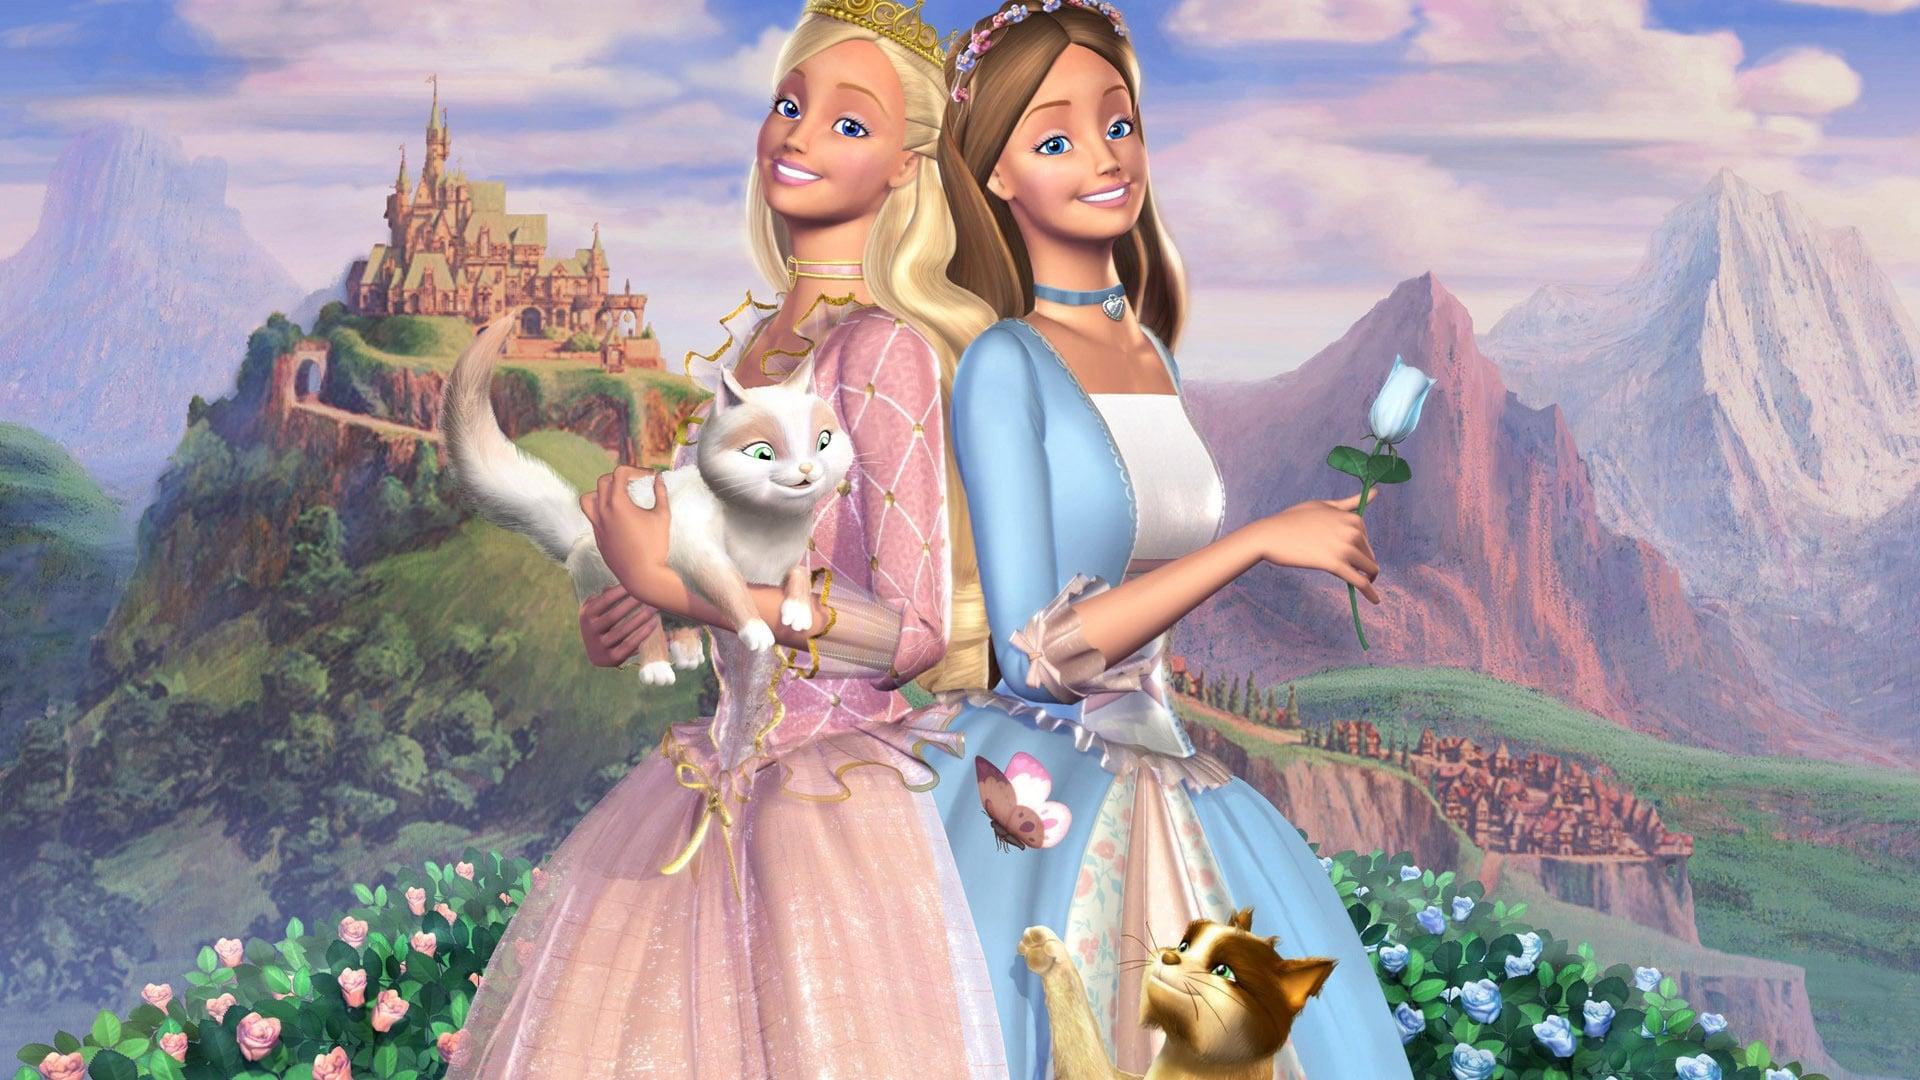 Barbie as The Princess & the Pauper (2004)